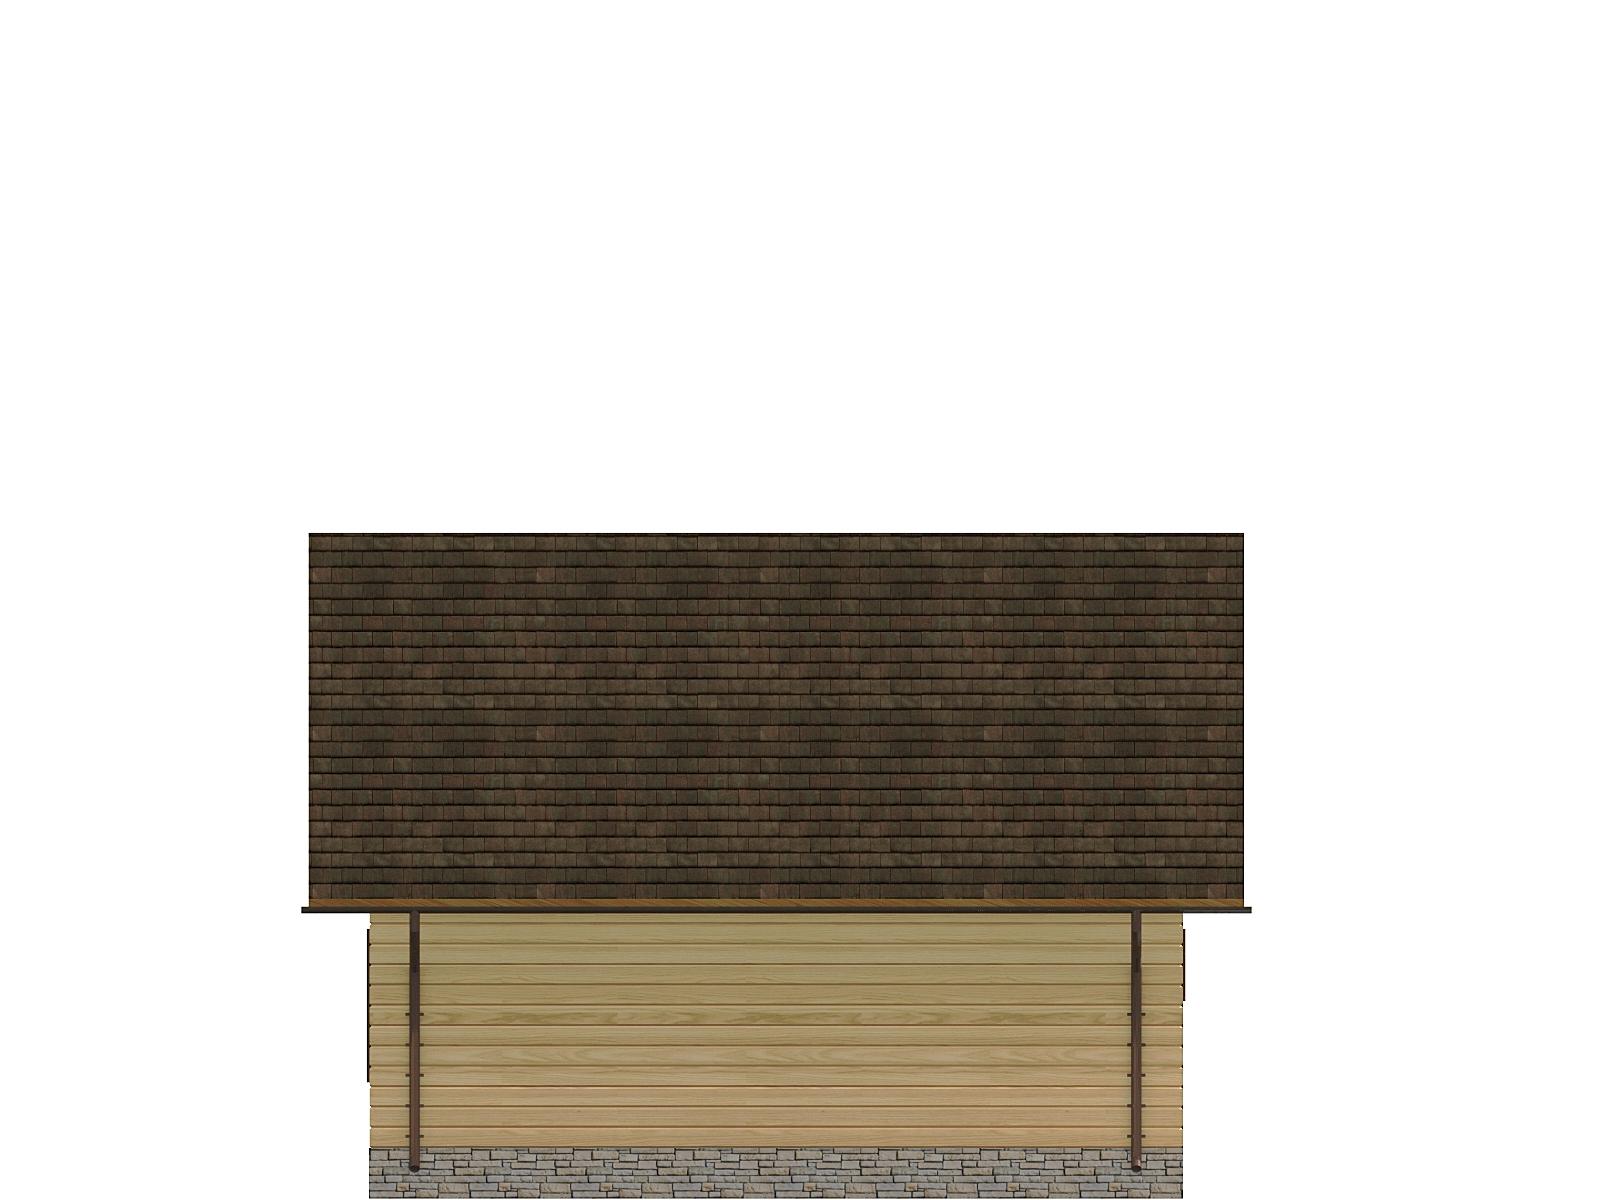 banya-iz-brusa-6x8-s-mansardoi-razrez3